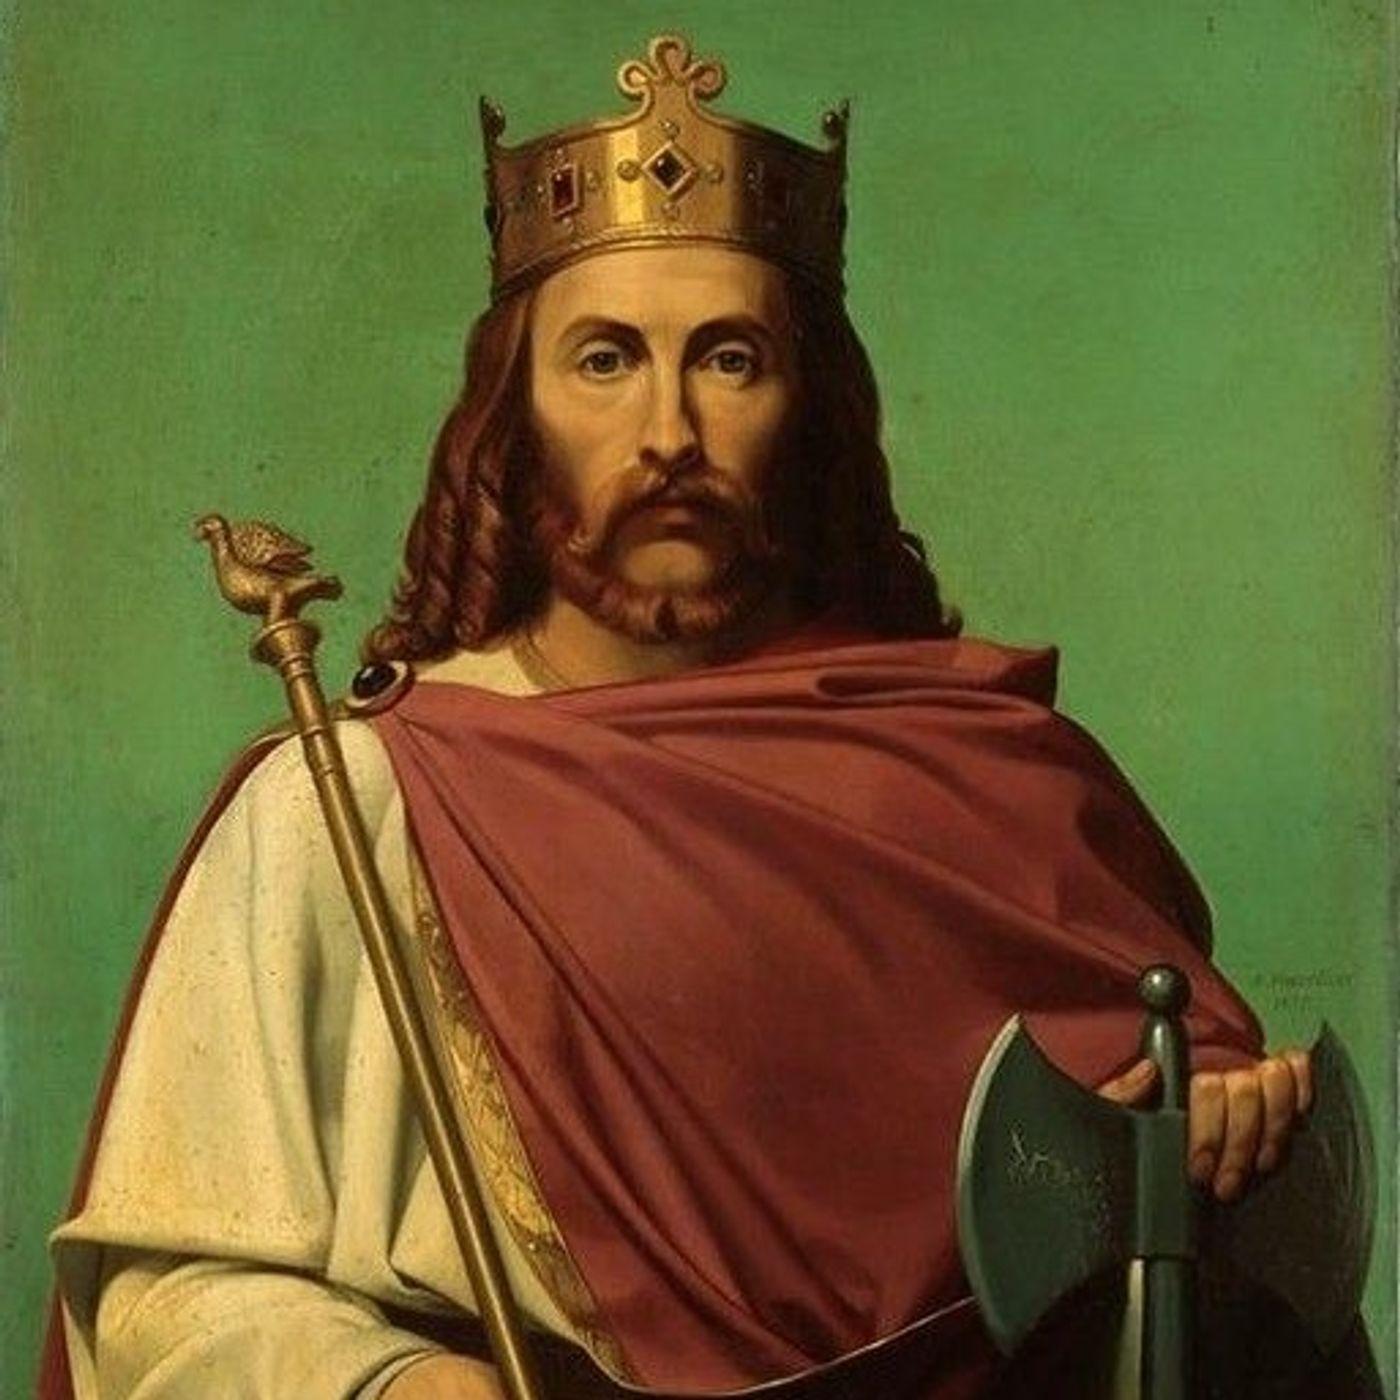 L'impero dei Franchi (511-561), ep. 83